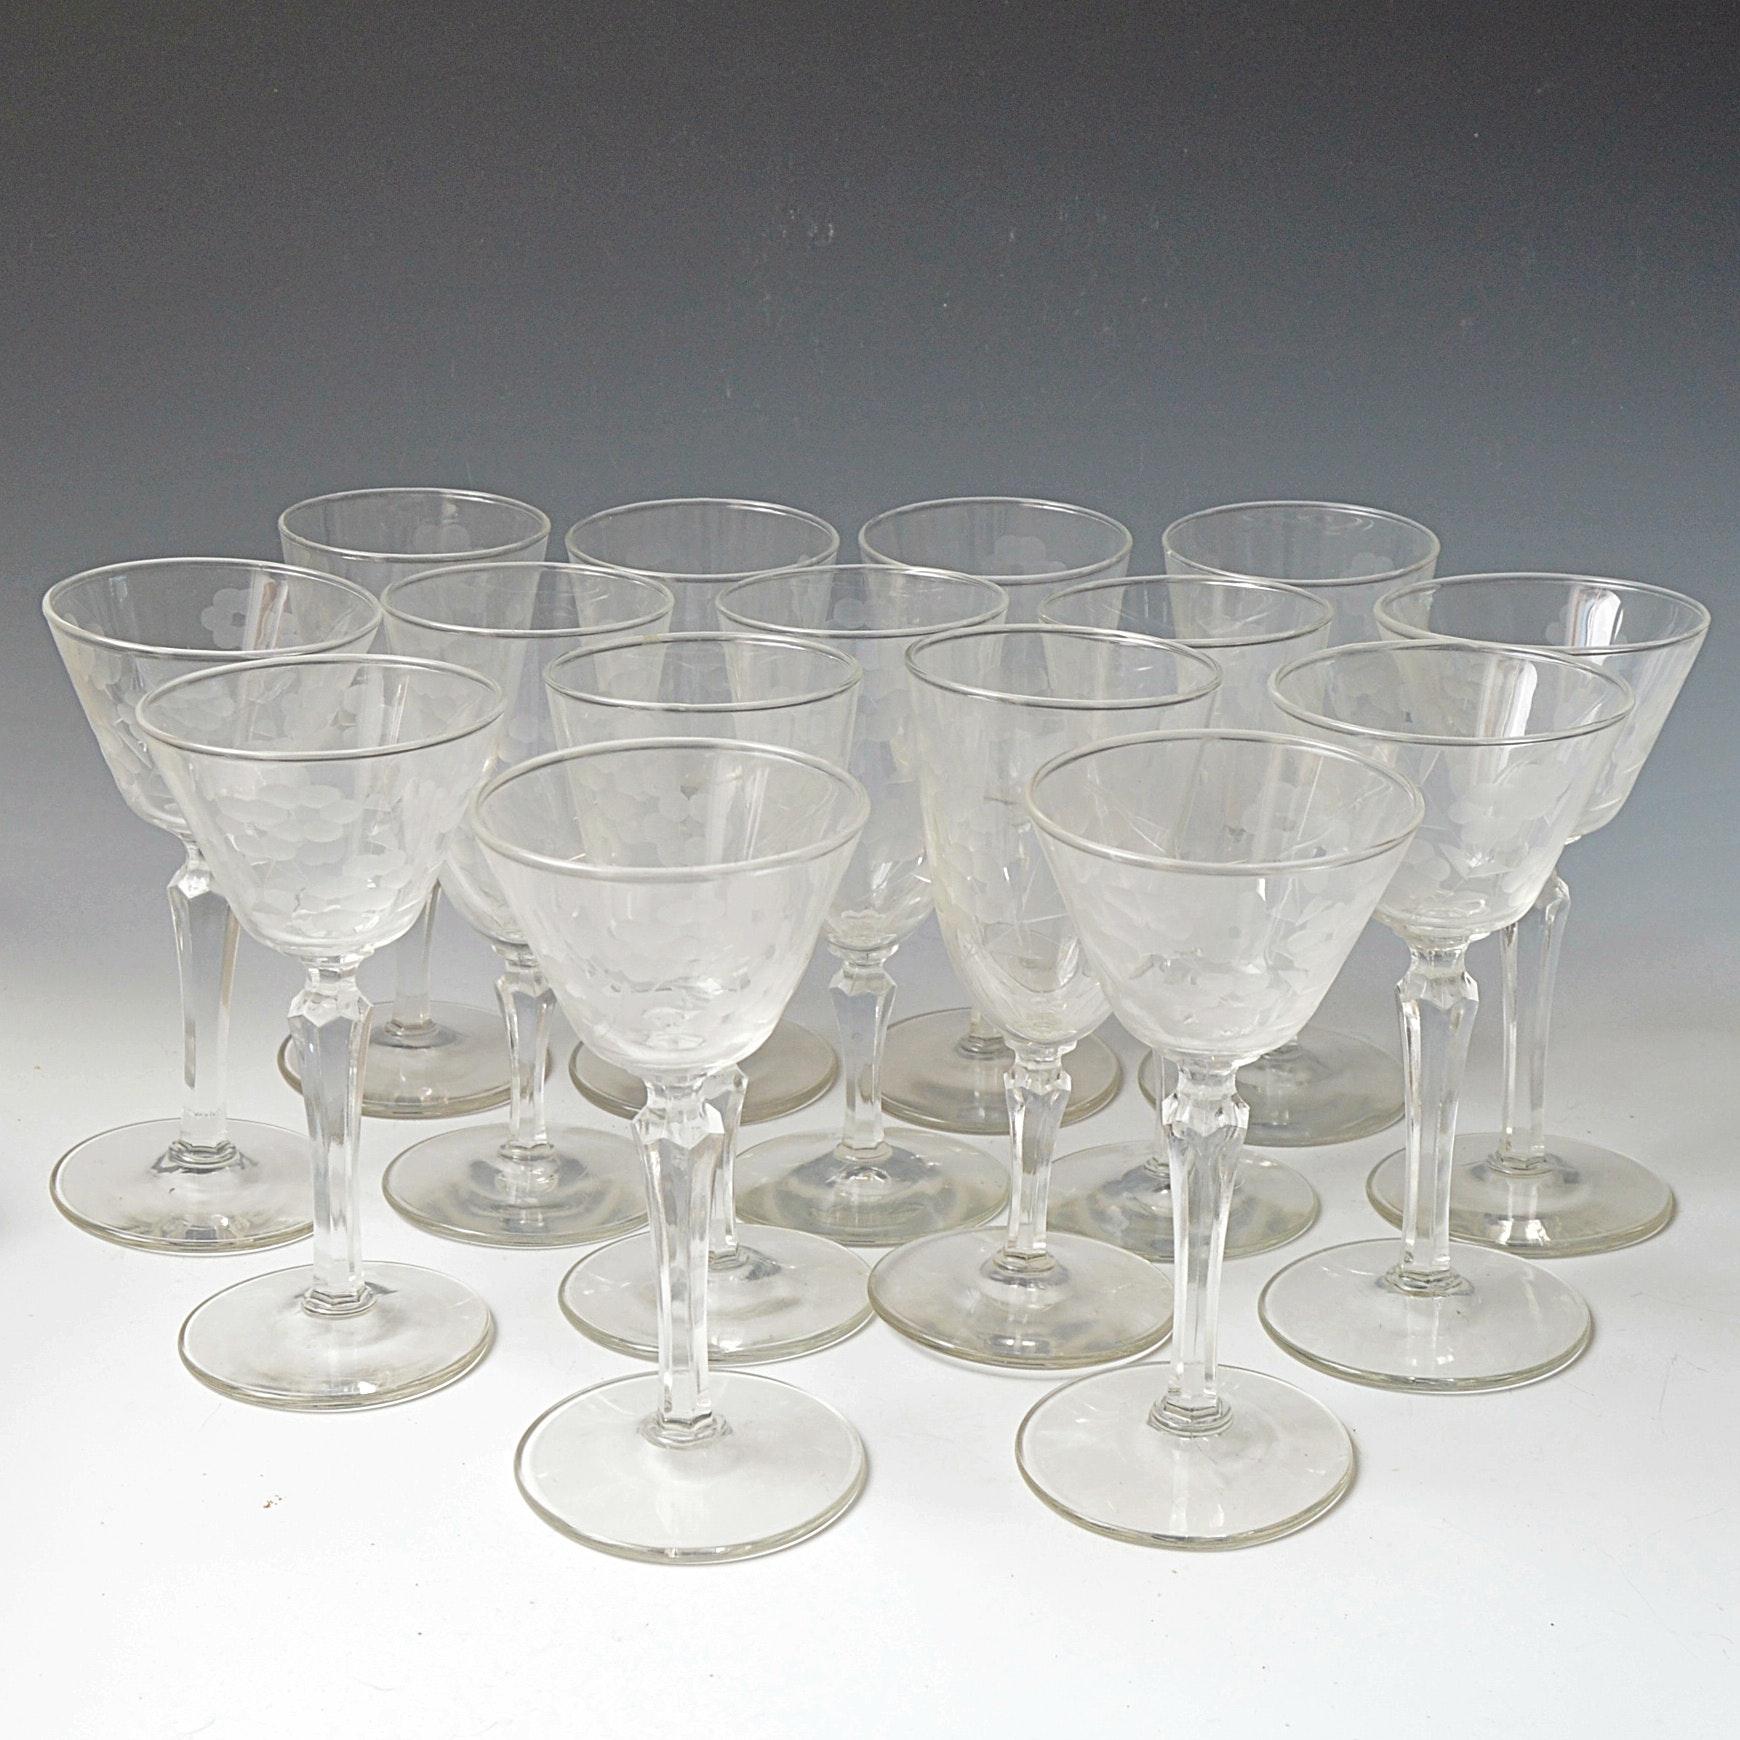 Set of Vintage Etched Glass Wine Goblets